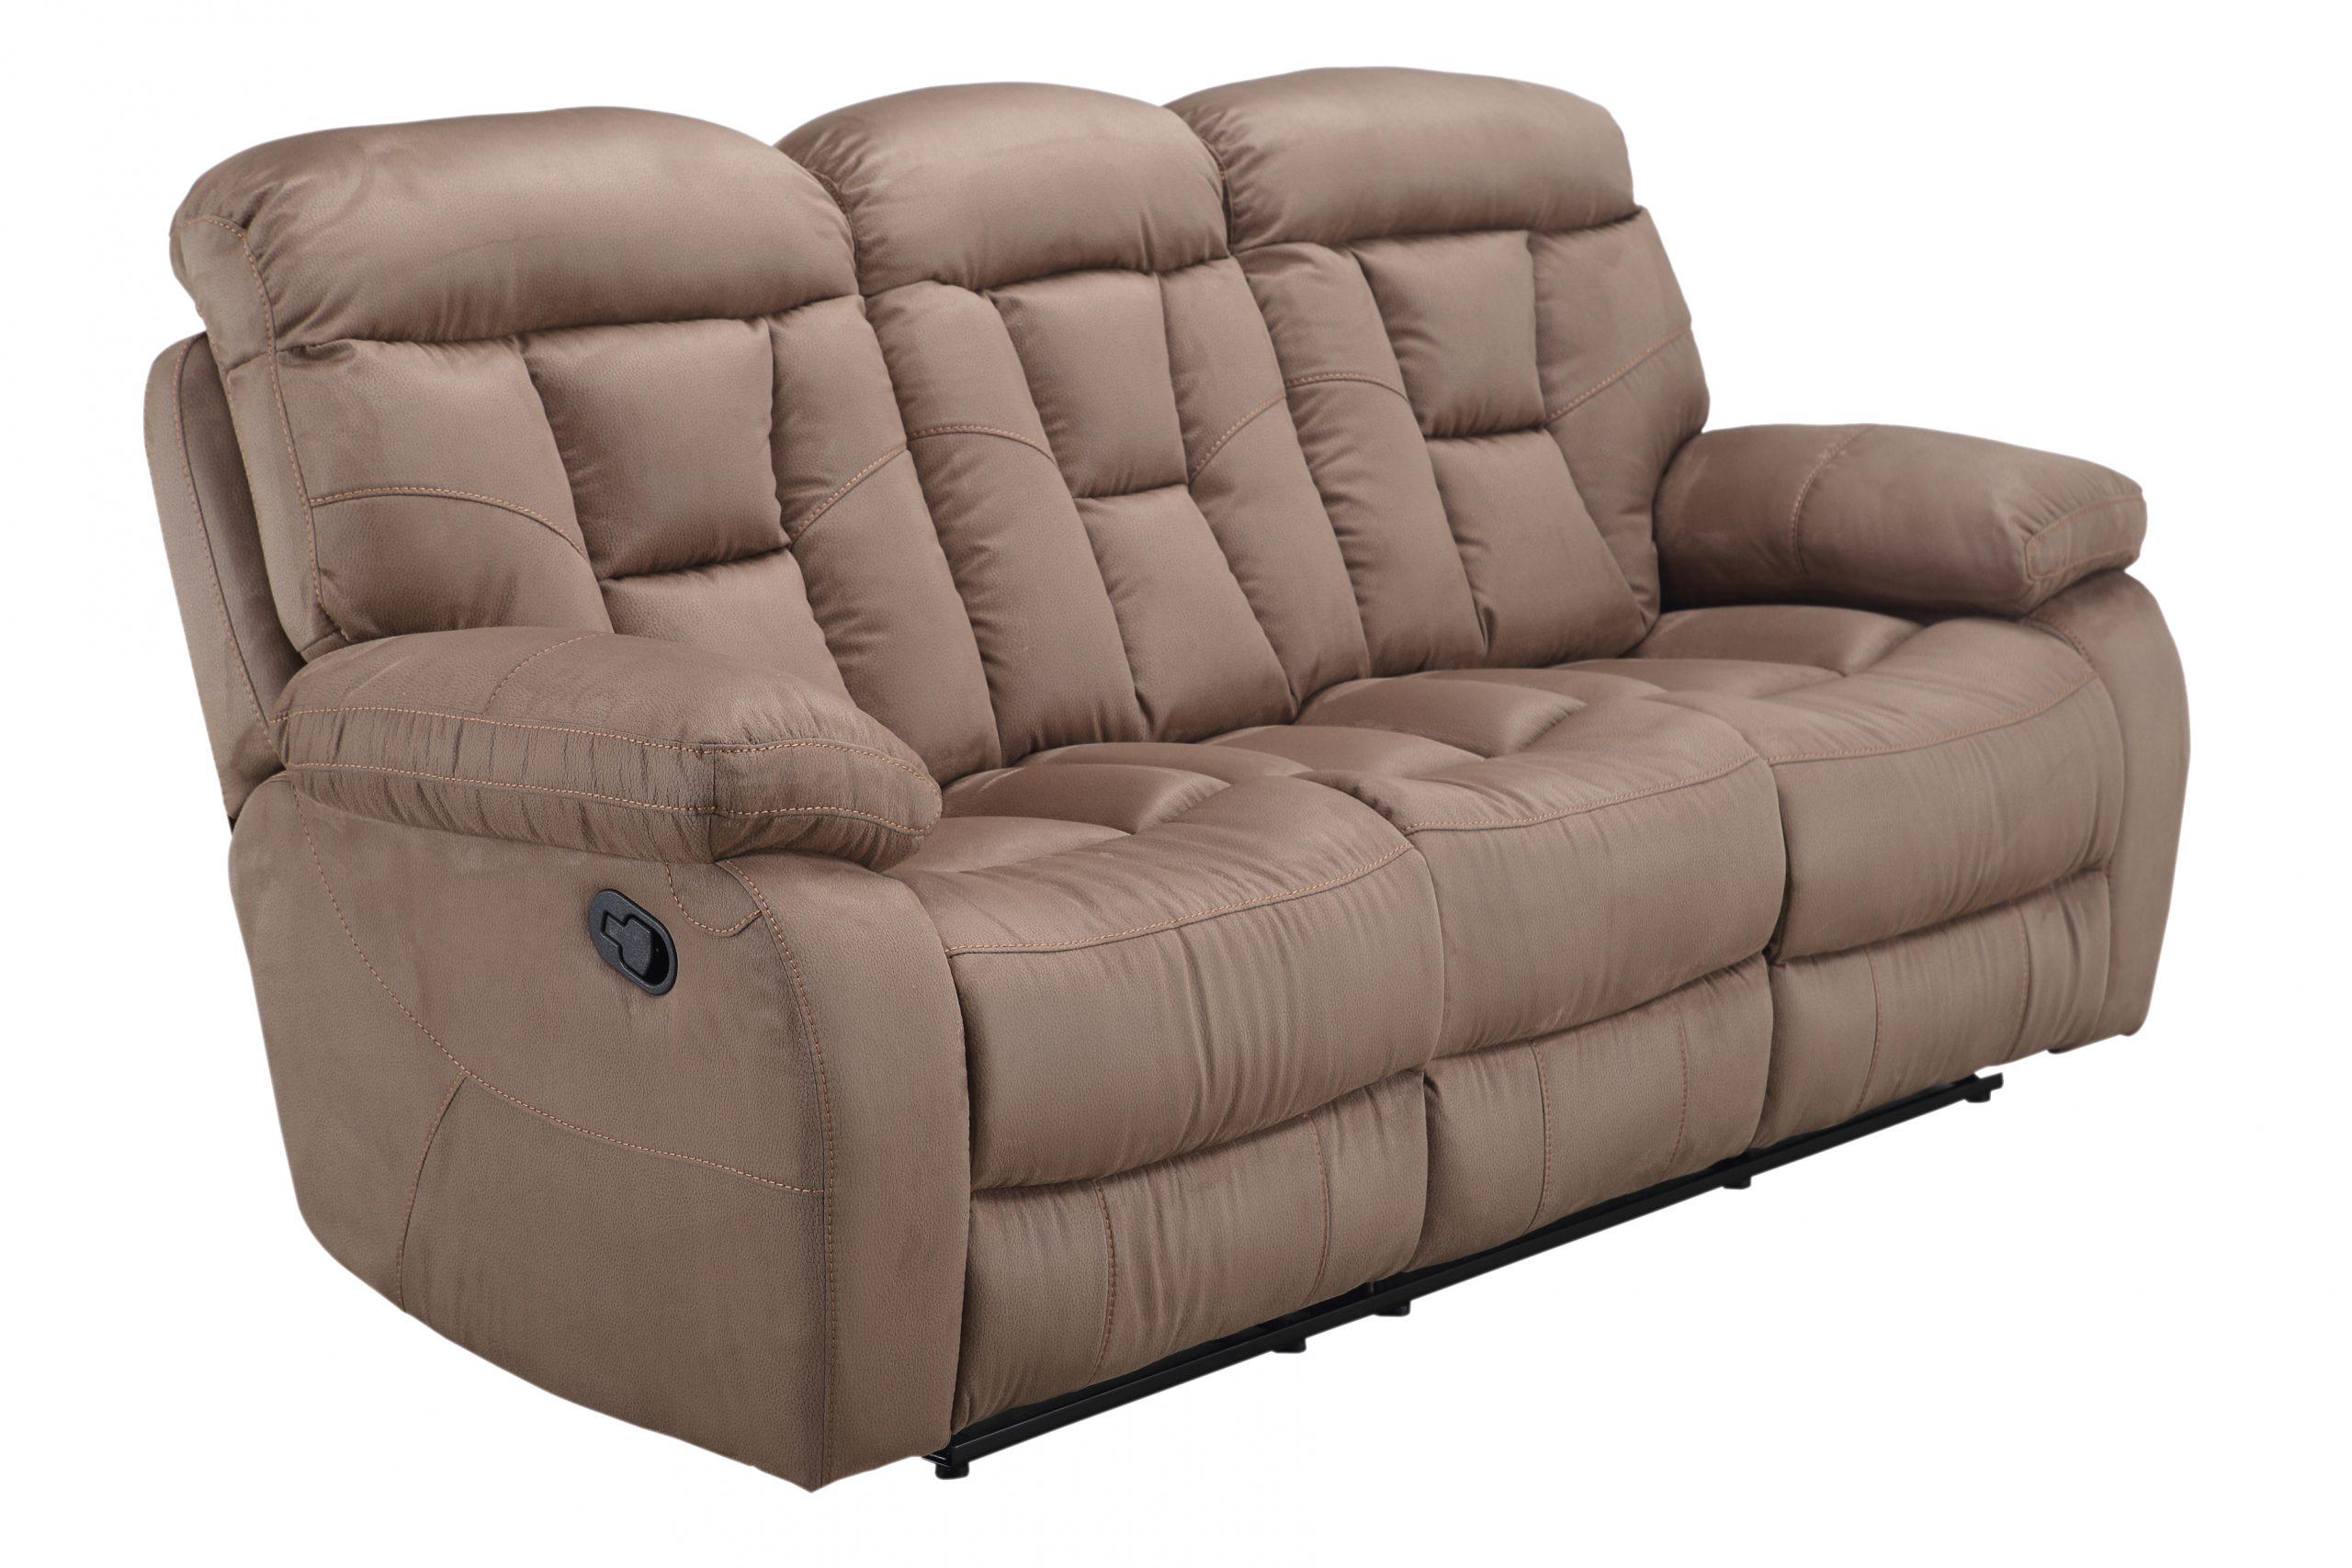 Full Size of Sofa Mit Relaxfunktion Recliner 3 Sitzer Inkl 2 Fach Fm 394 Von Femo Elektrischer Sitztiefenverstellung Abnehmbaren Bezug Bett Schubladen 180x200 Lila Xxl U Sofa Sofa Mit Relaxfunktion